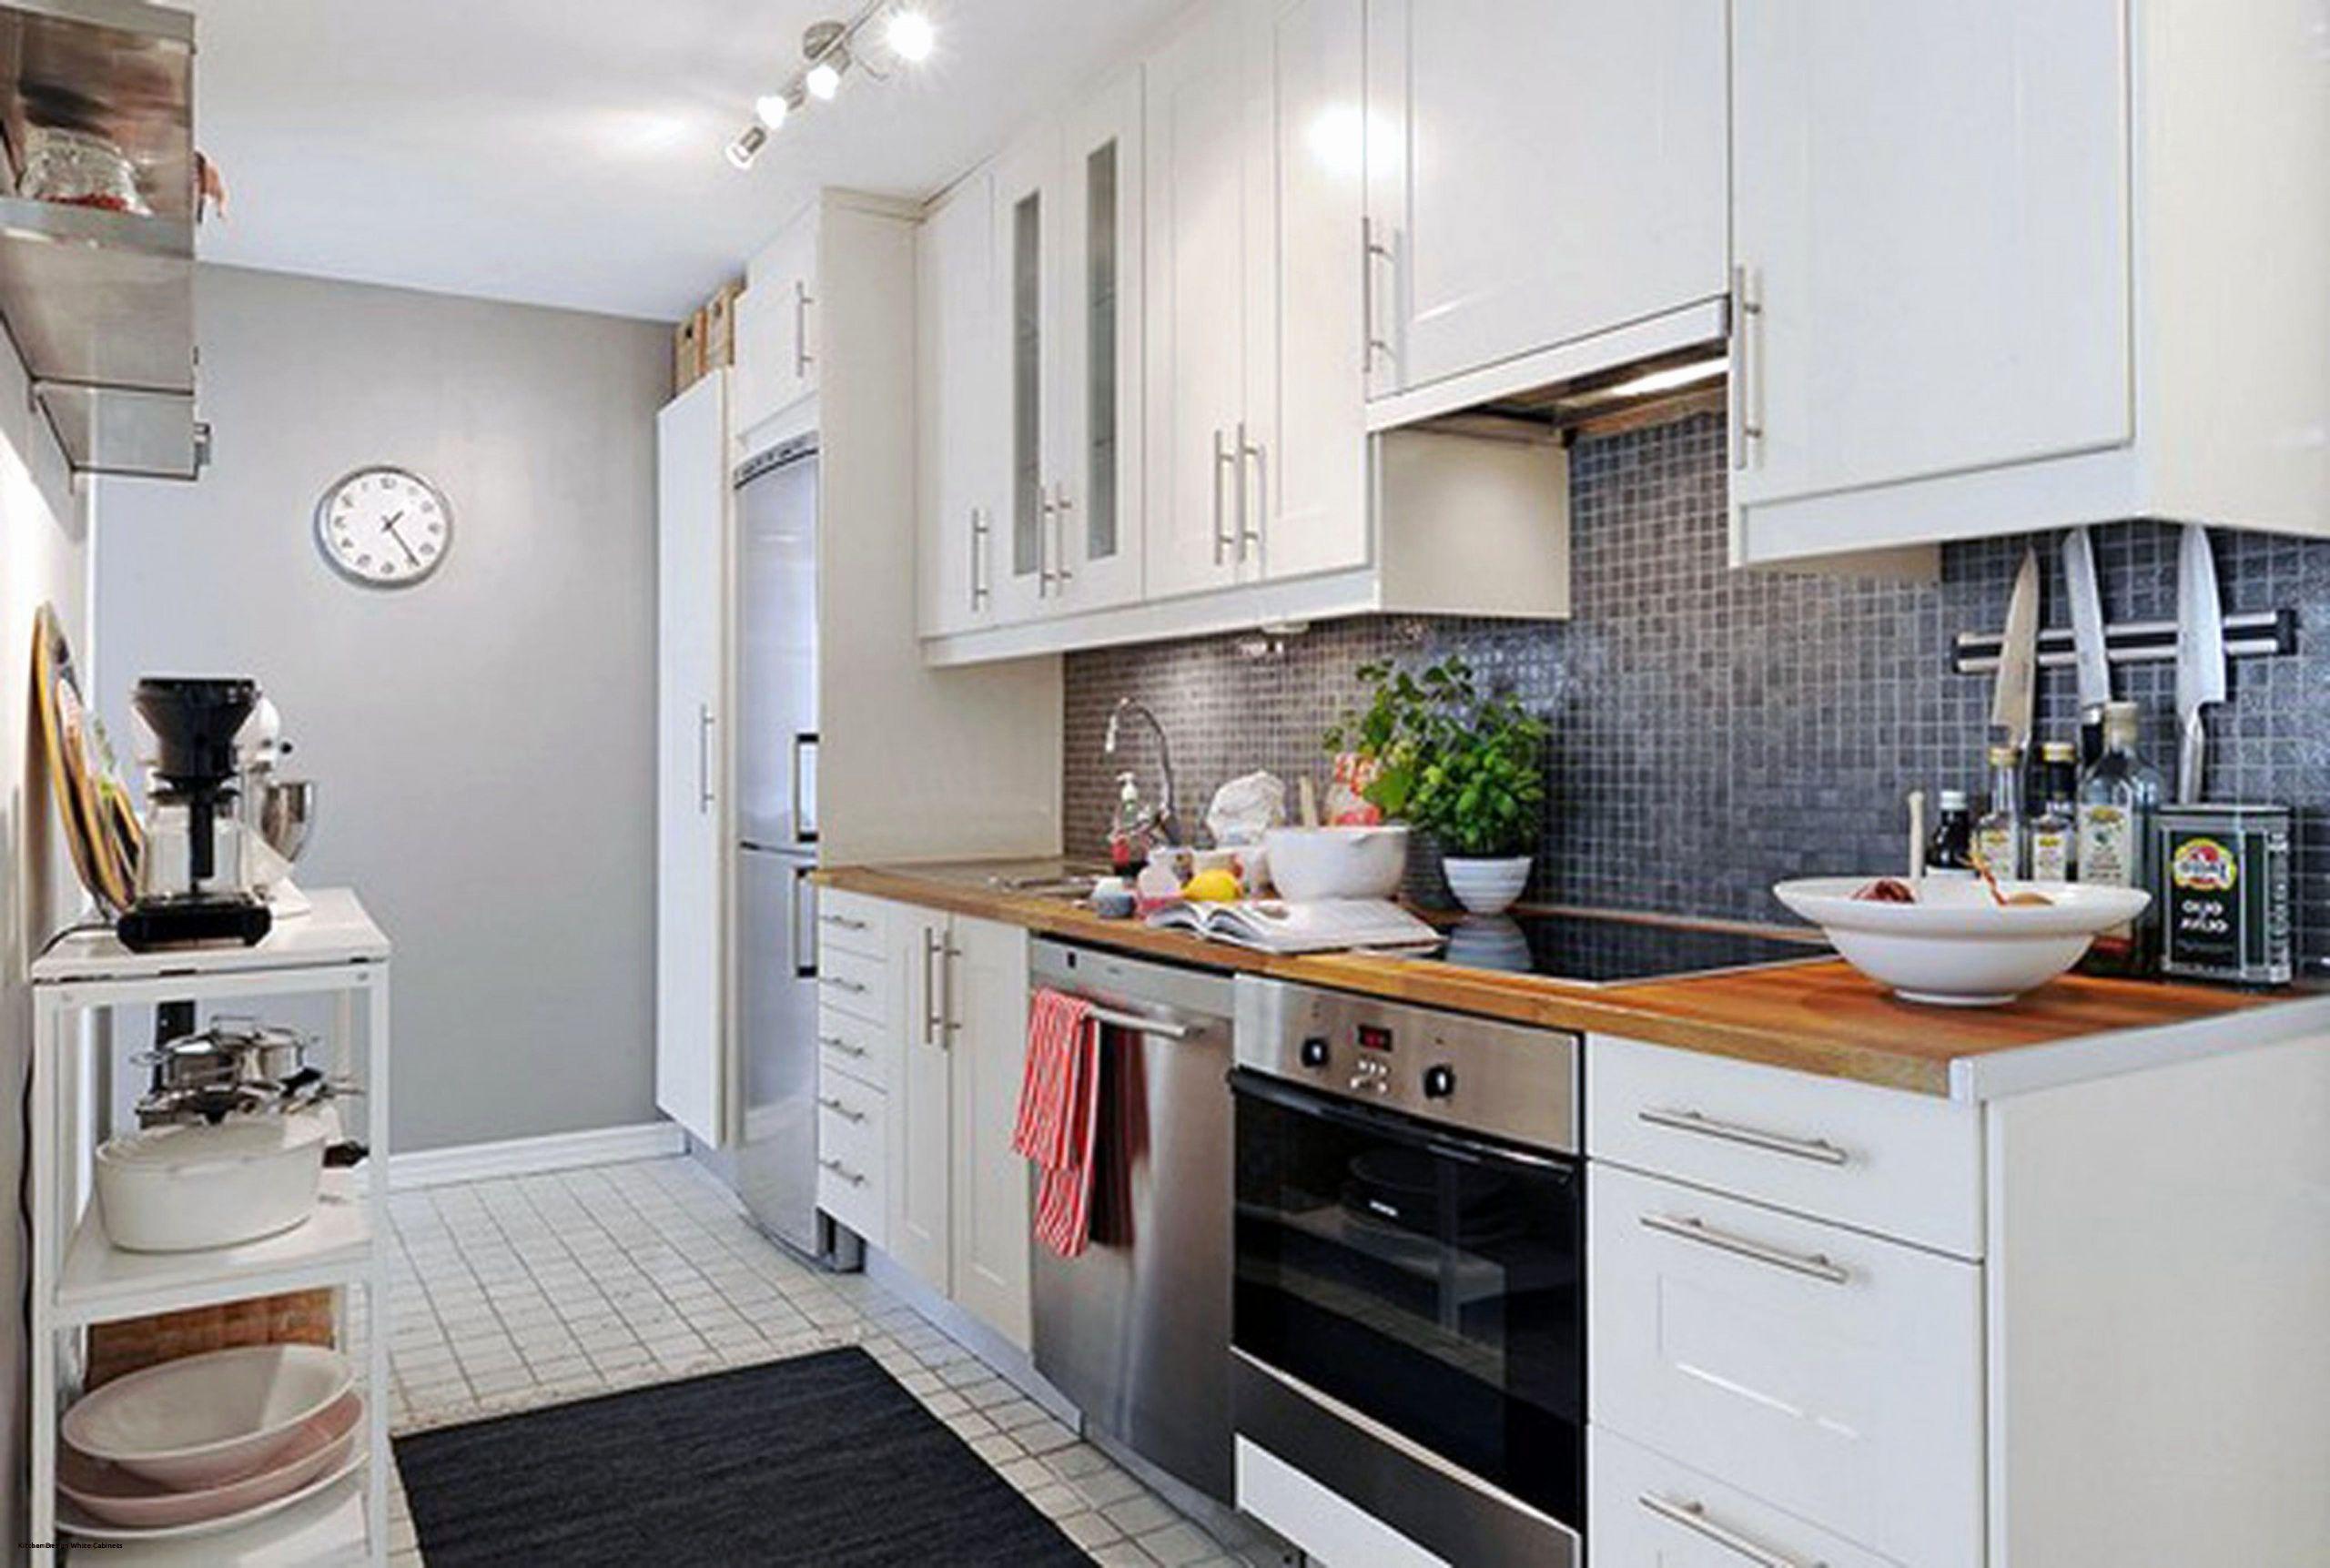 White Subway Tile Backsplash Lovely Modern Kitchen Decor Ideas 1960s 0d White Cabinet for